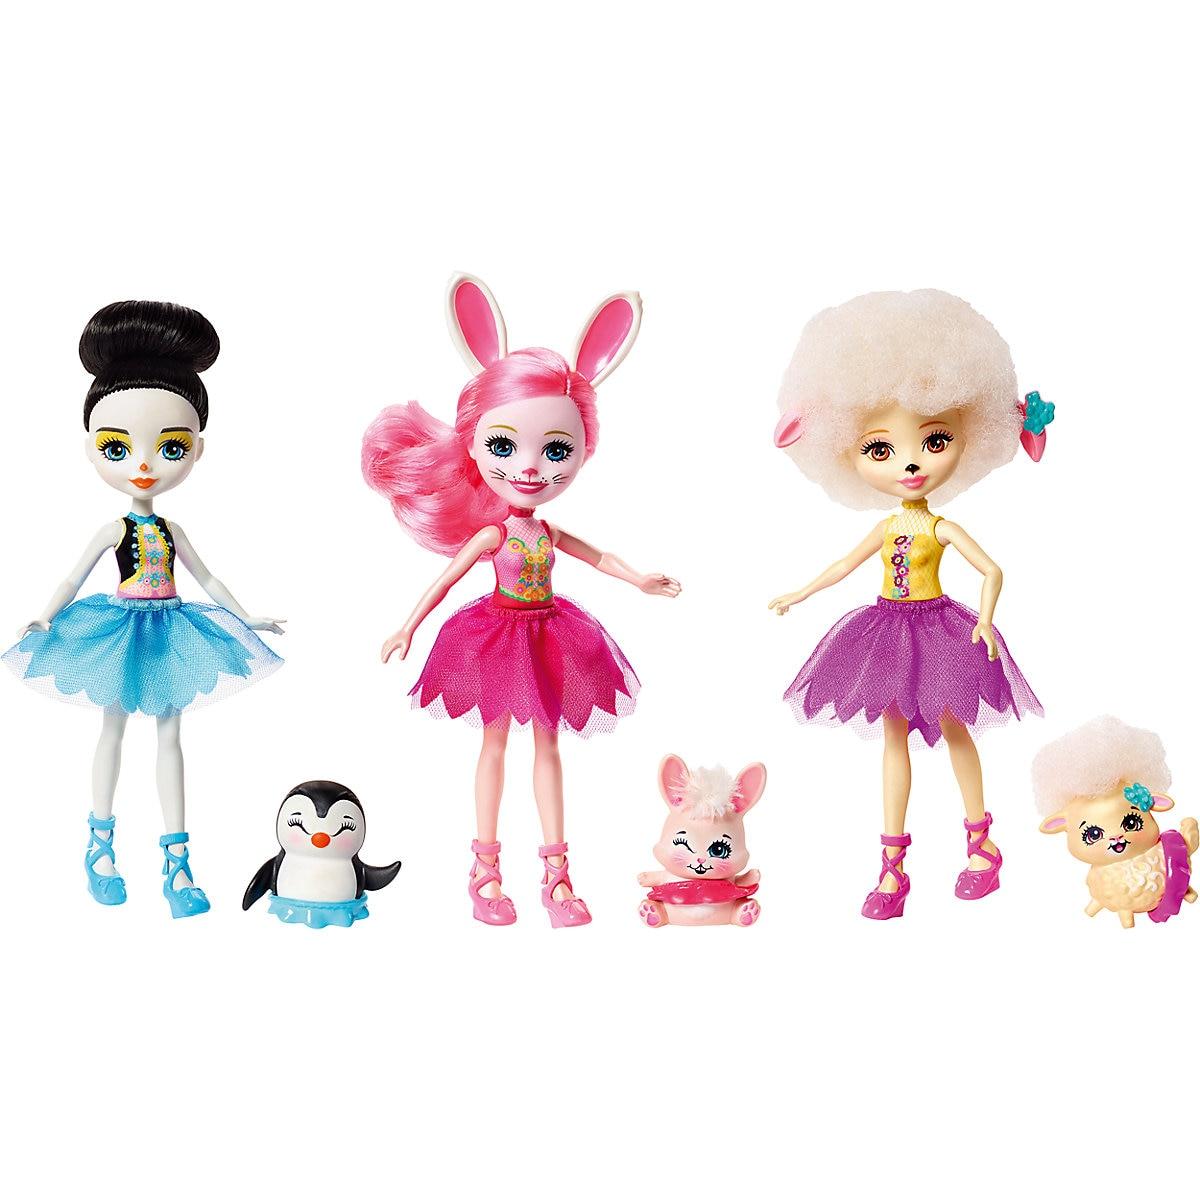 Mattel bonecas 8422419 meninas brinquedos para crianças menina brinquedo moda boneca jogo acessórios para crianças namorada mtpromo